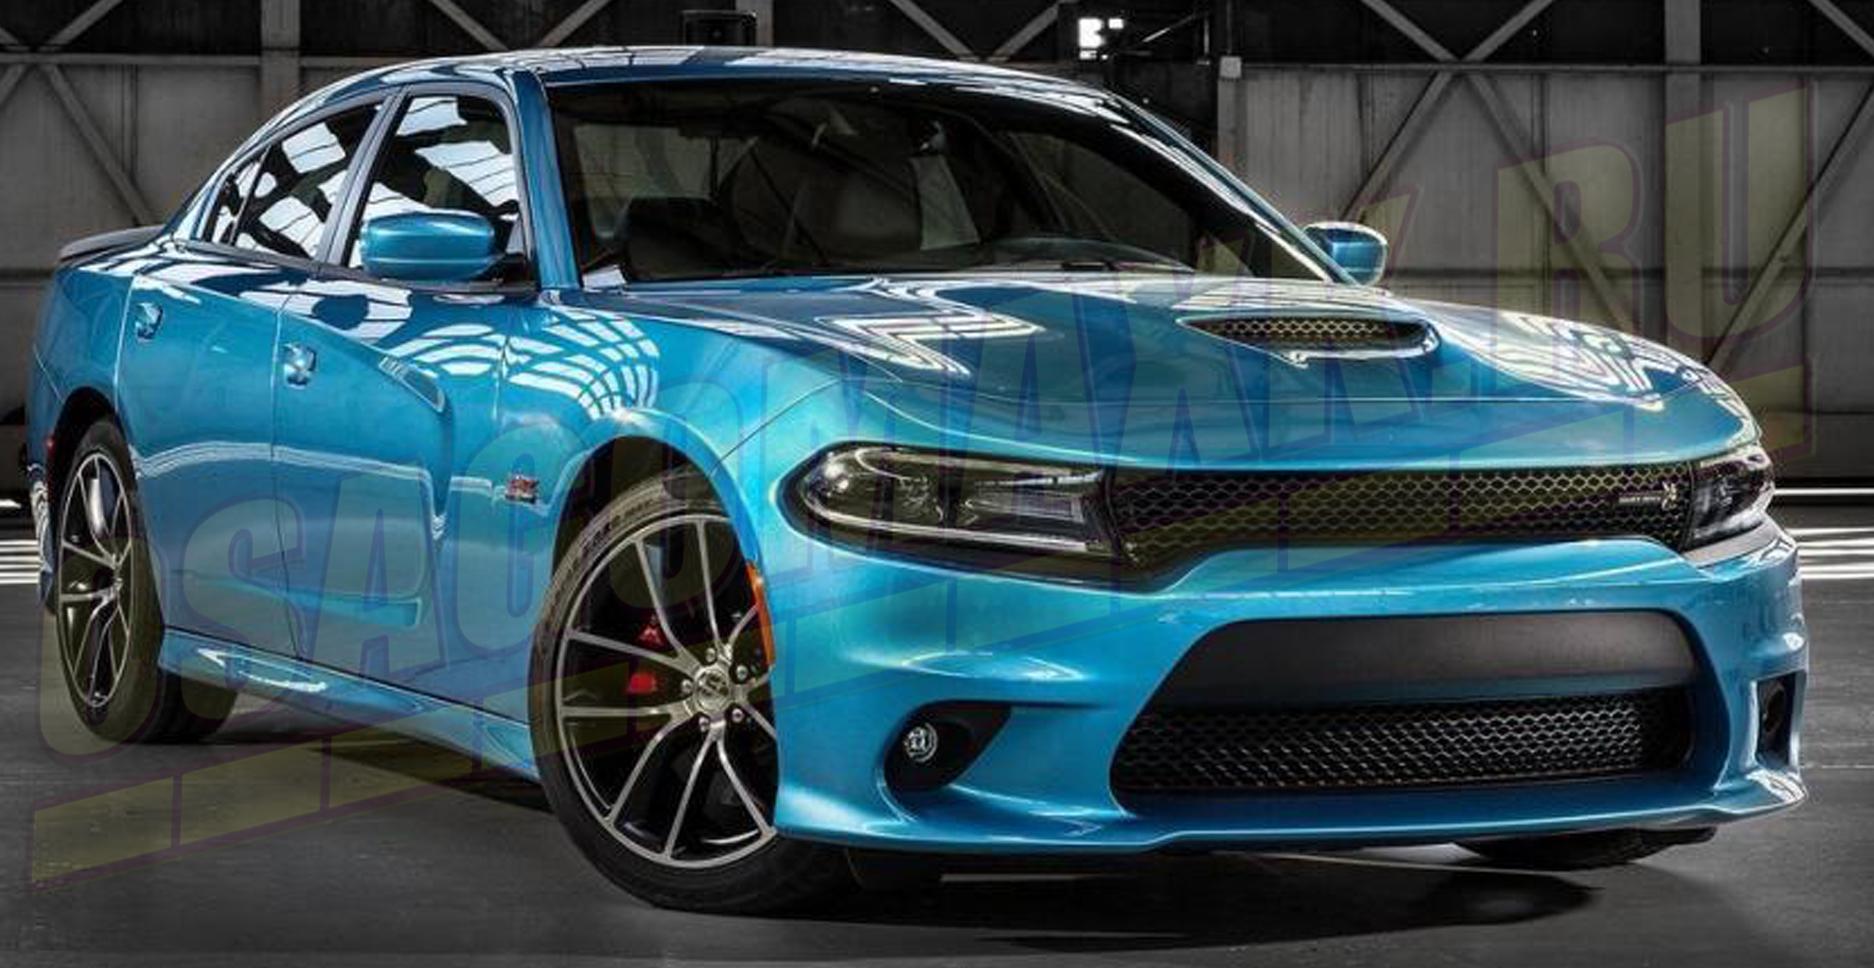 Dodge Charger - второе место в сегменте подержанных спортивных автомобилей